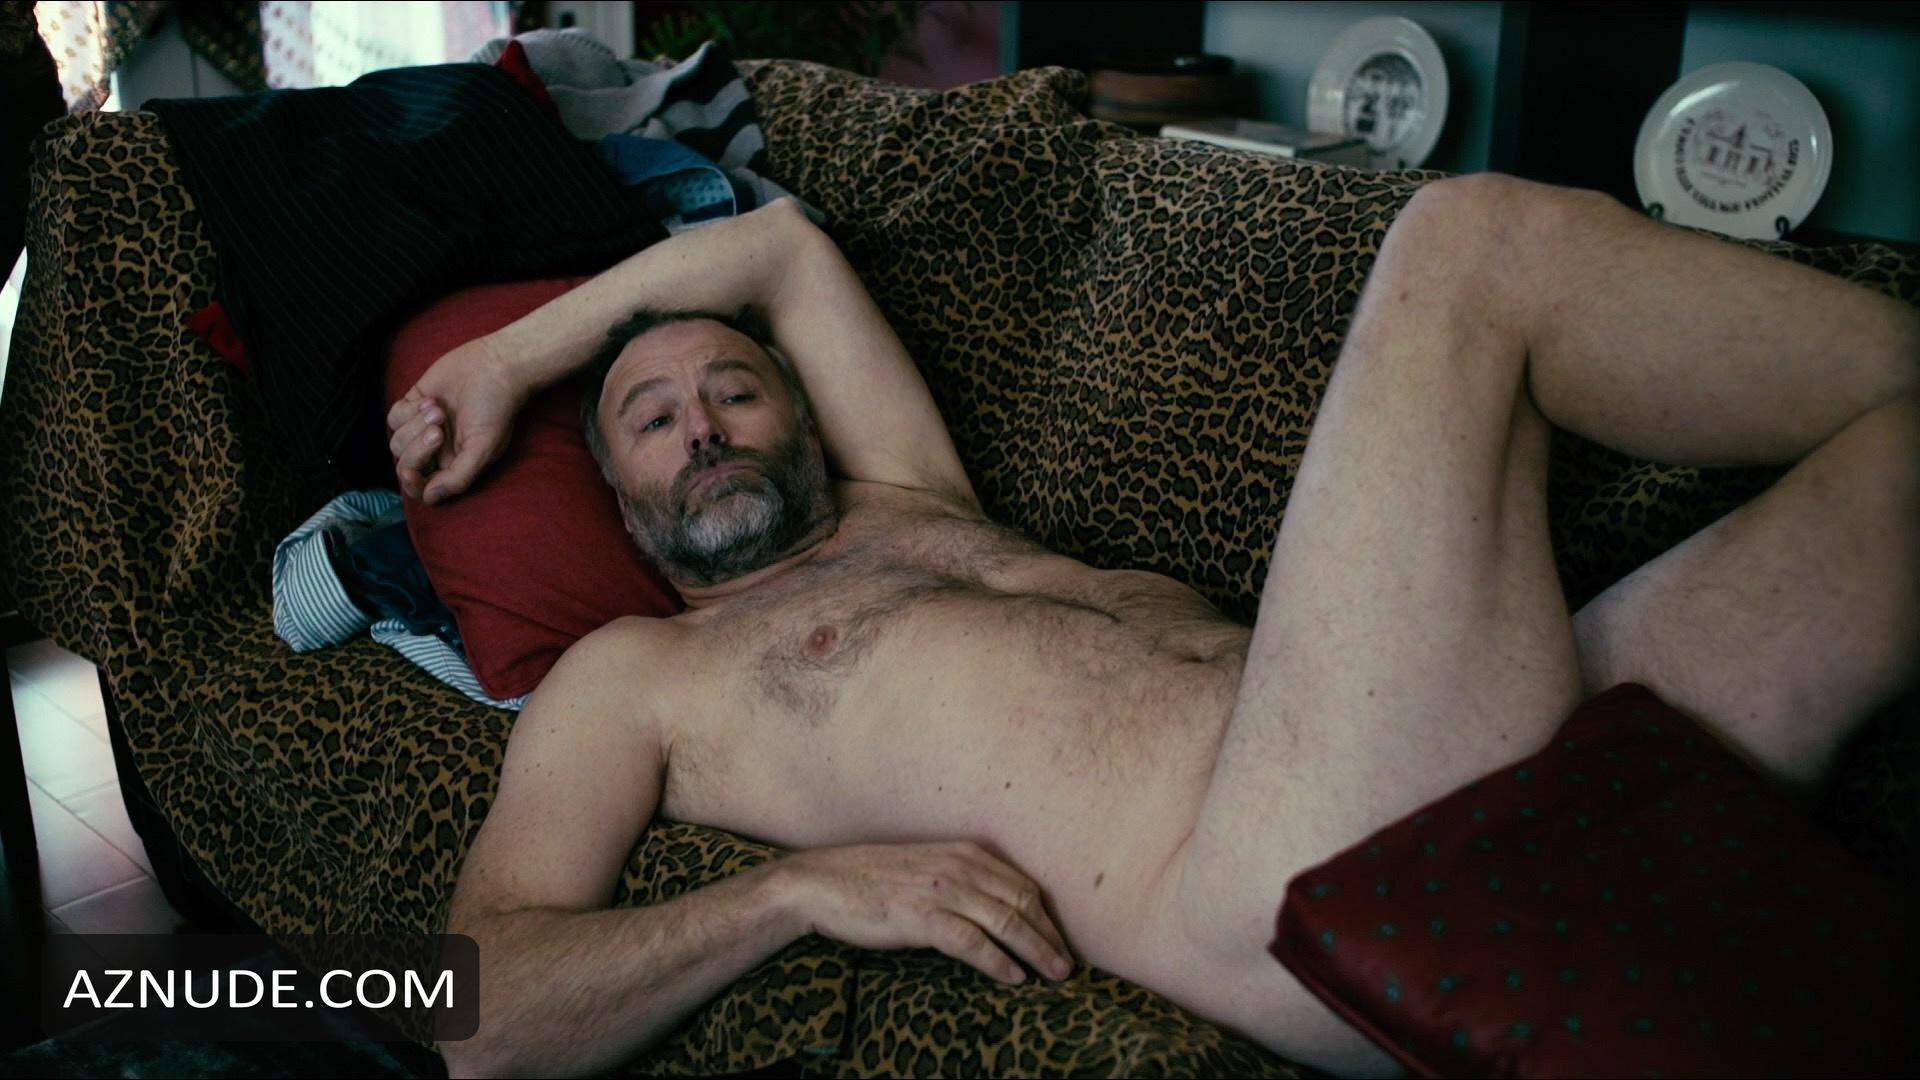 Older naked men videos